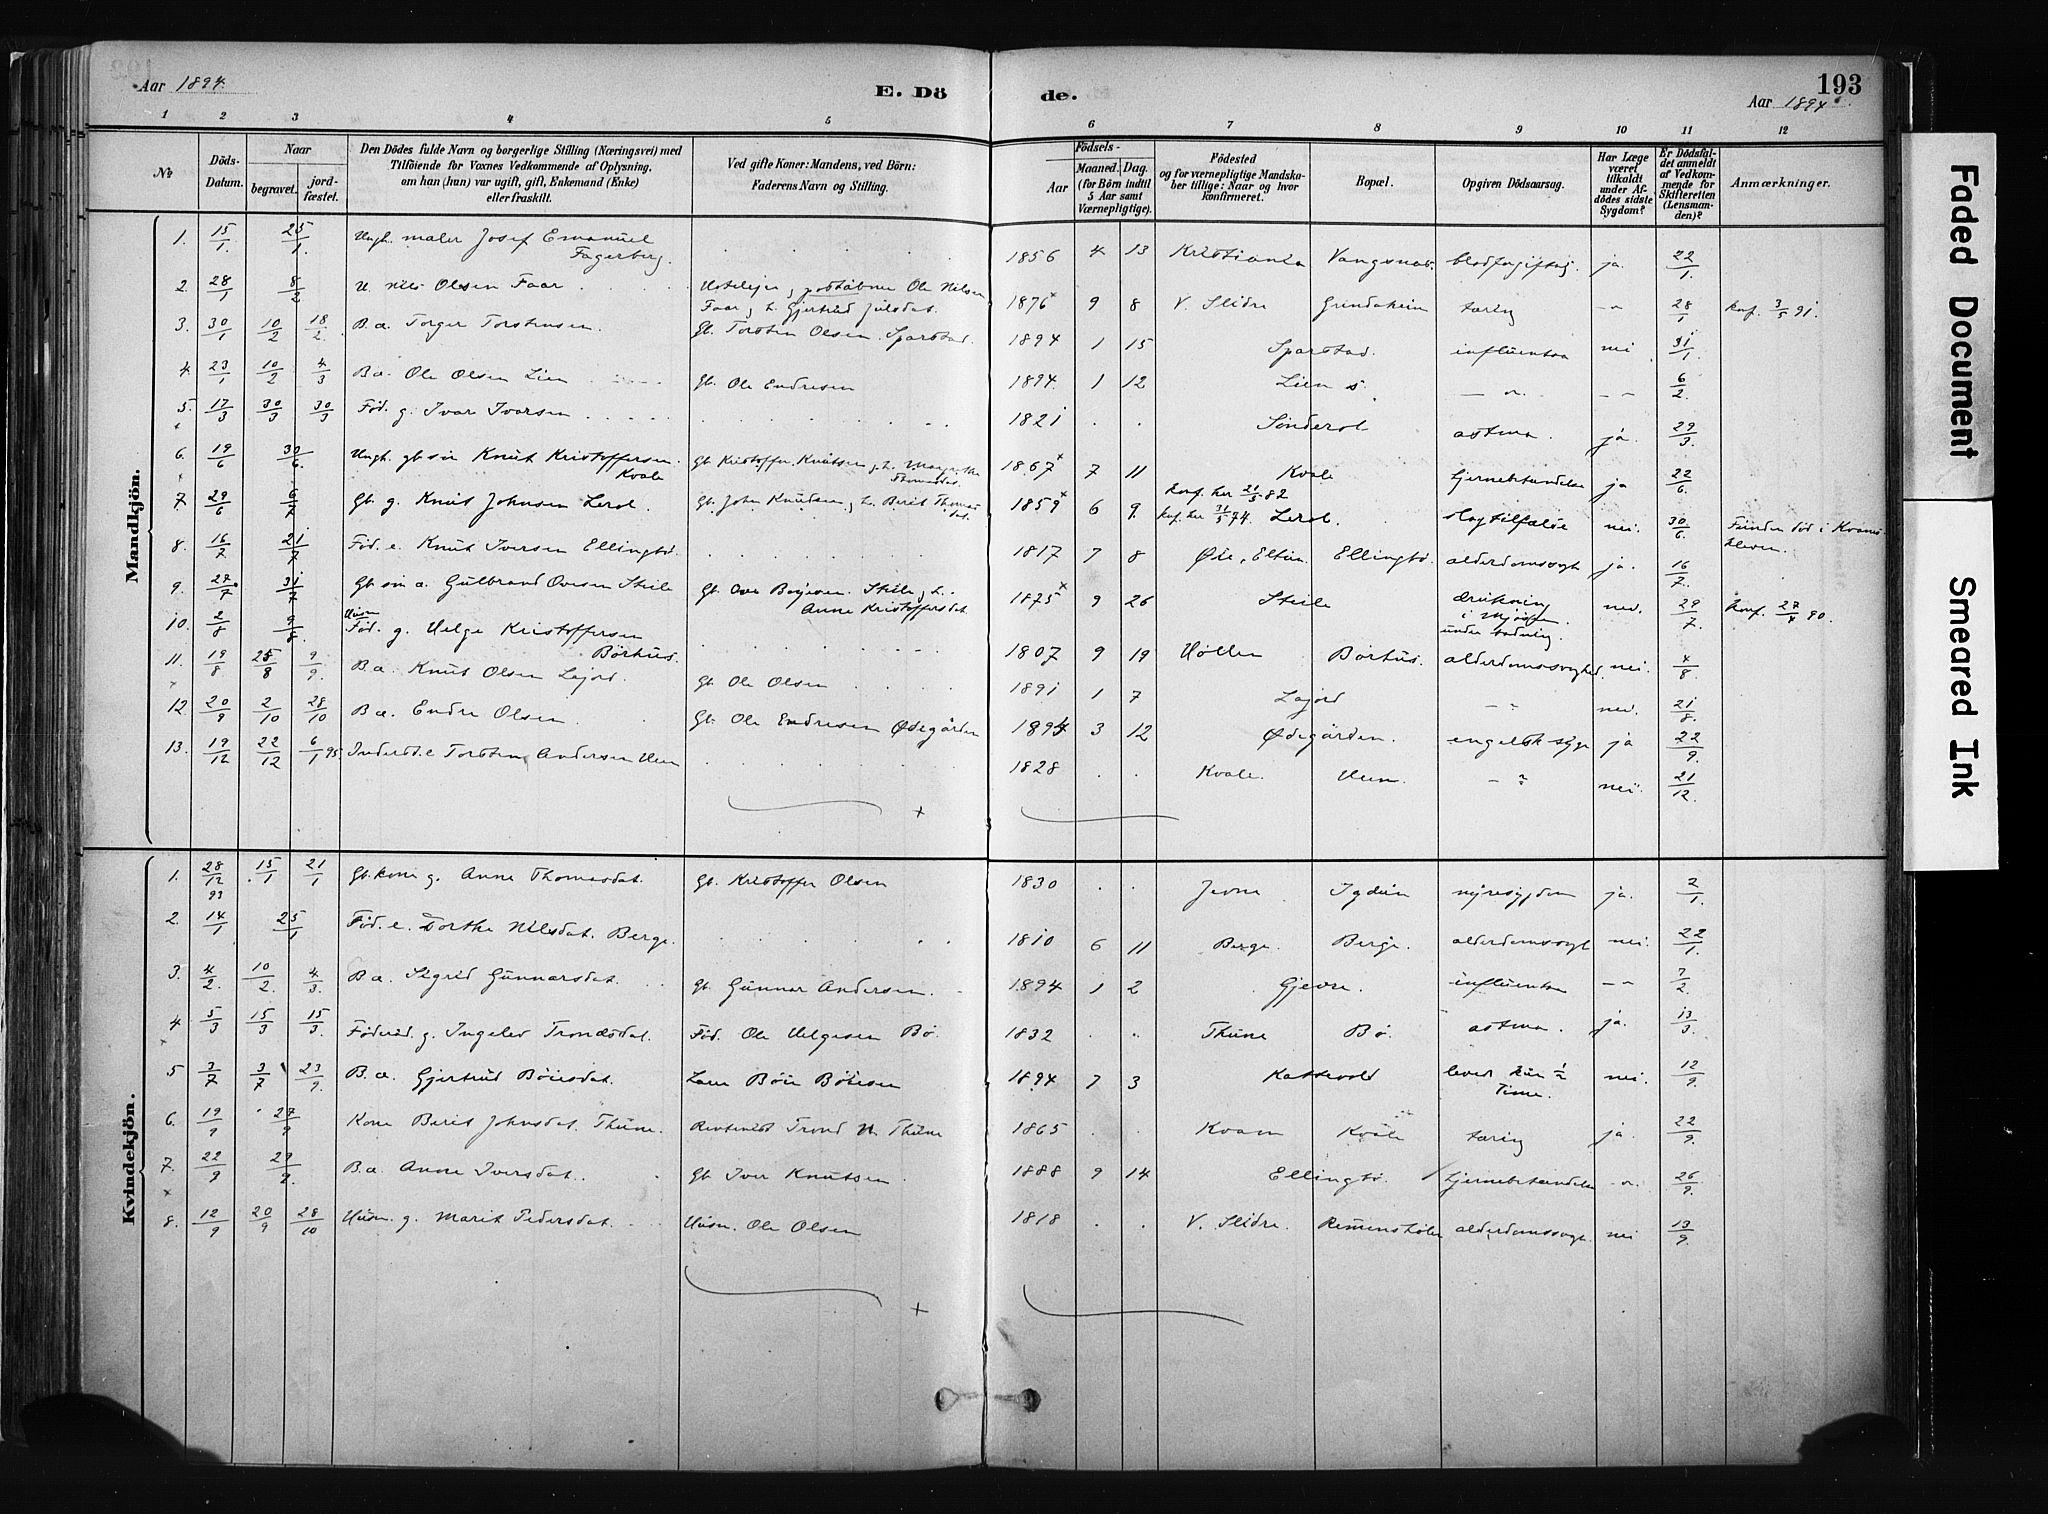 SAH, Vang prestekontor, Valdres, Ministerialbok nr. 8, 1882-1910, s. 193